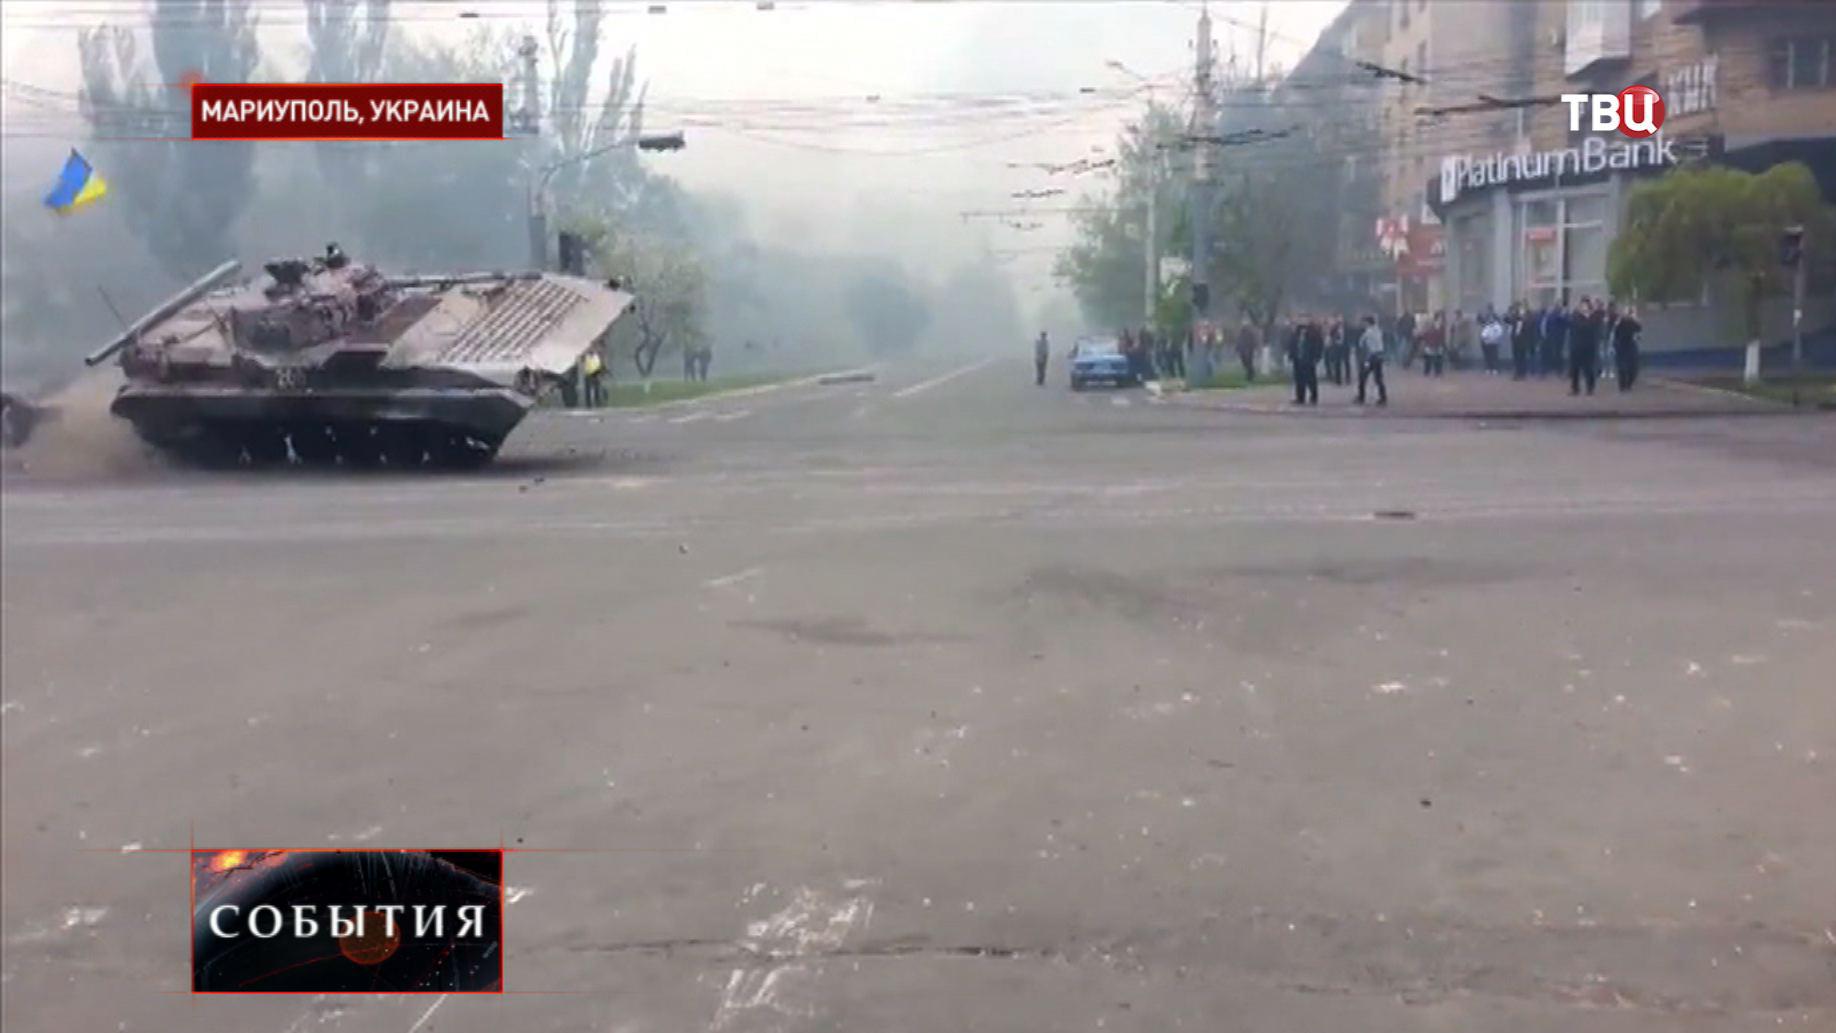 Военная техника украинской армии на улицах Мариуполя